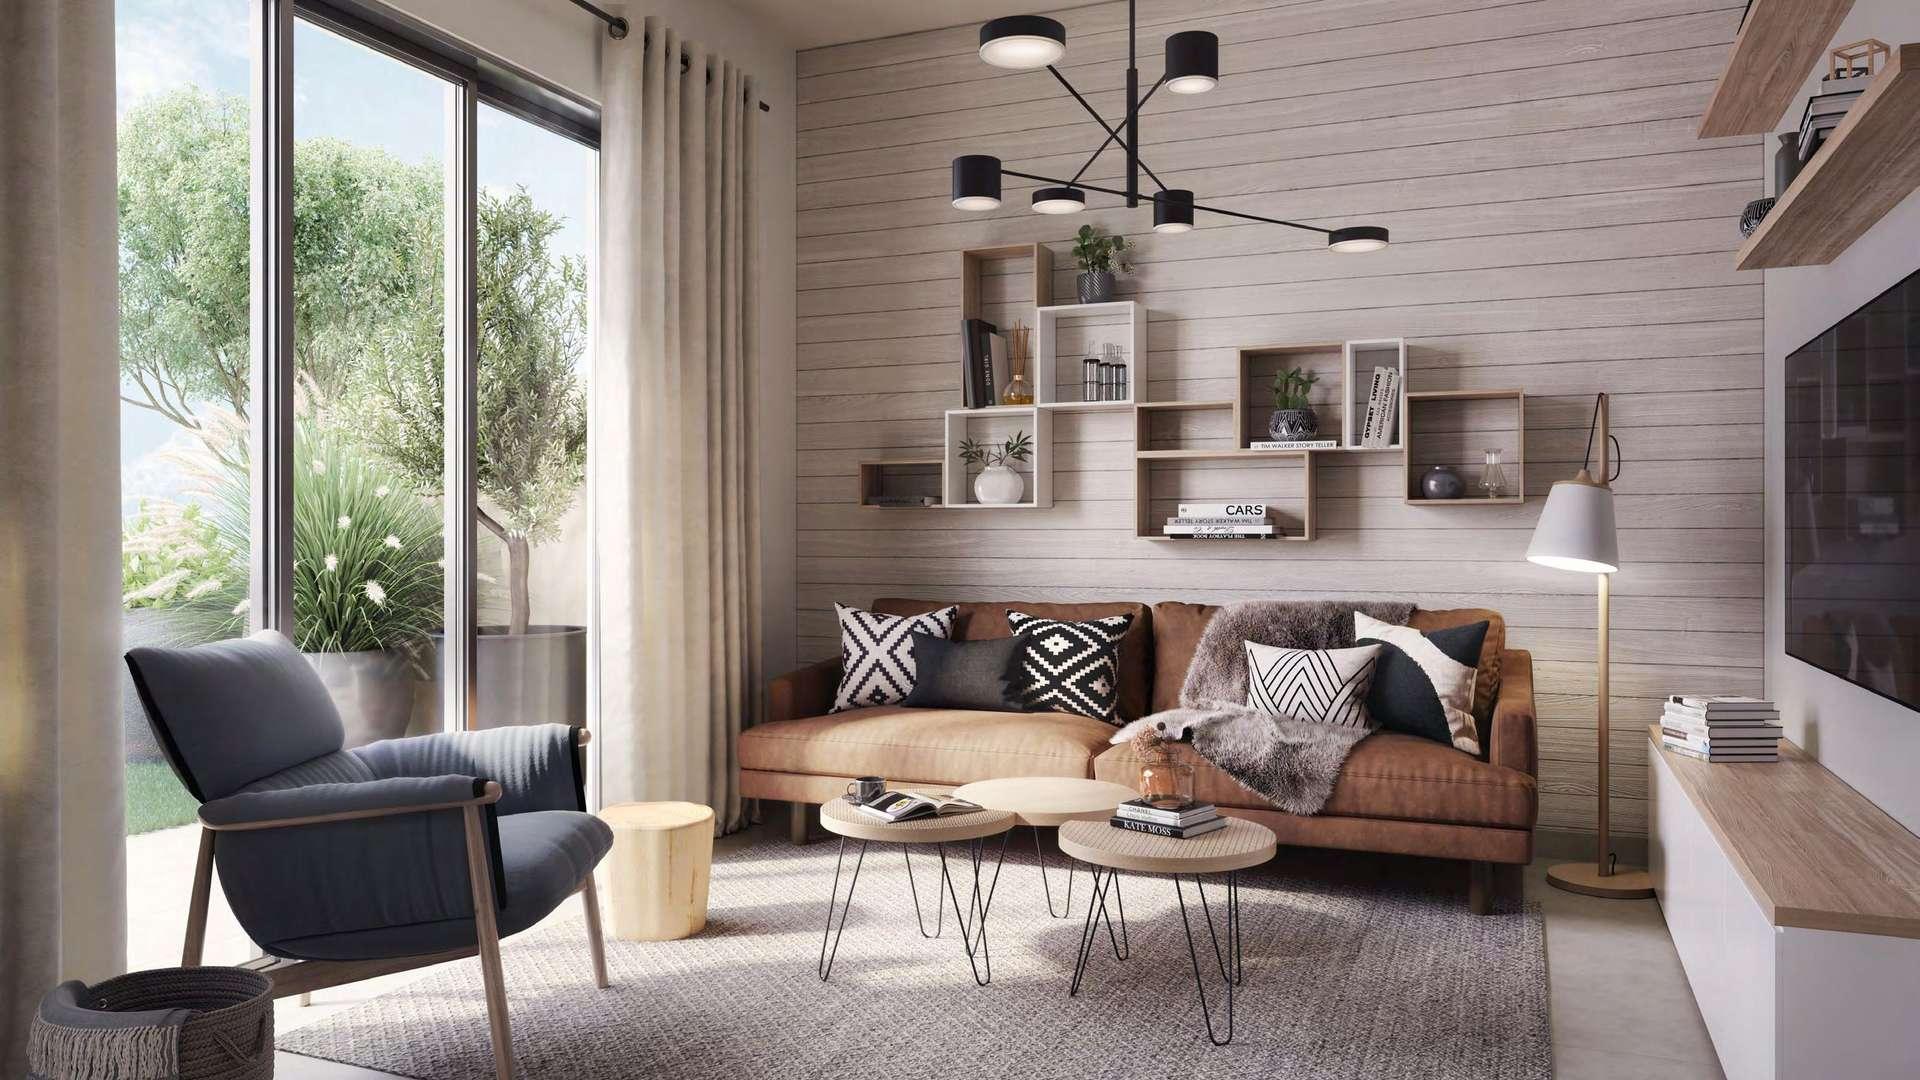 Villa en venta en Dubai, EAU, 3 dormitorios, 180 m2, № 24246 – foto 3